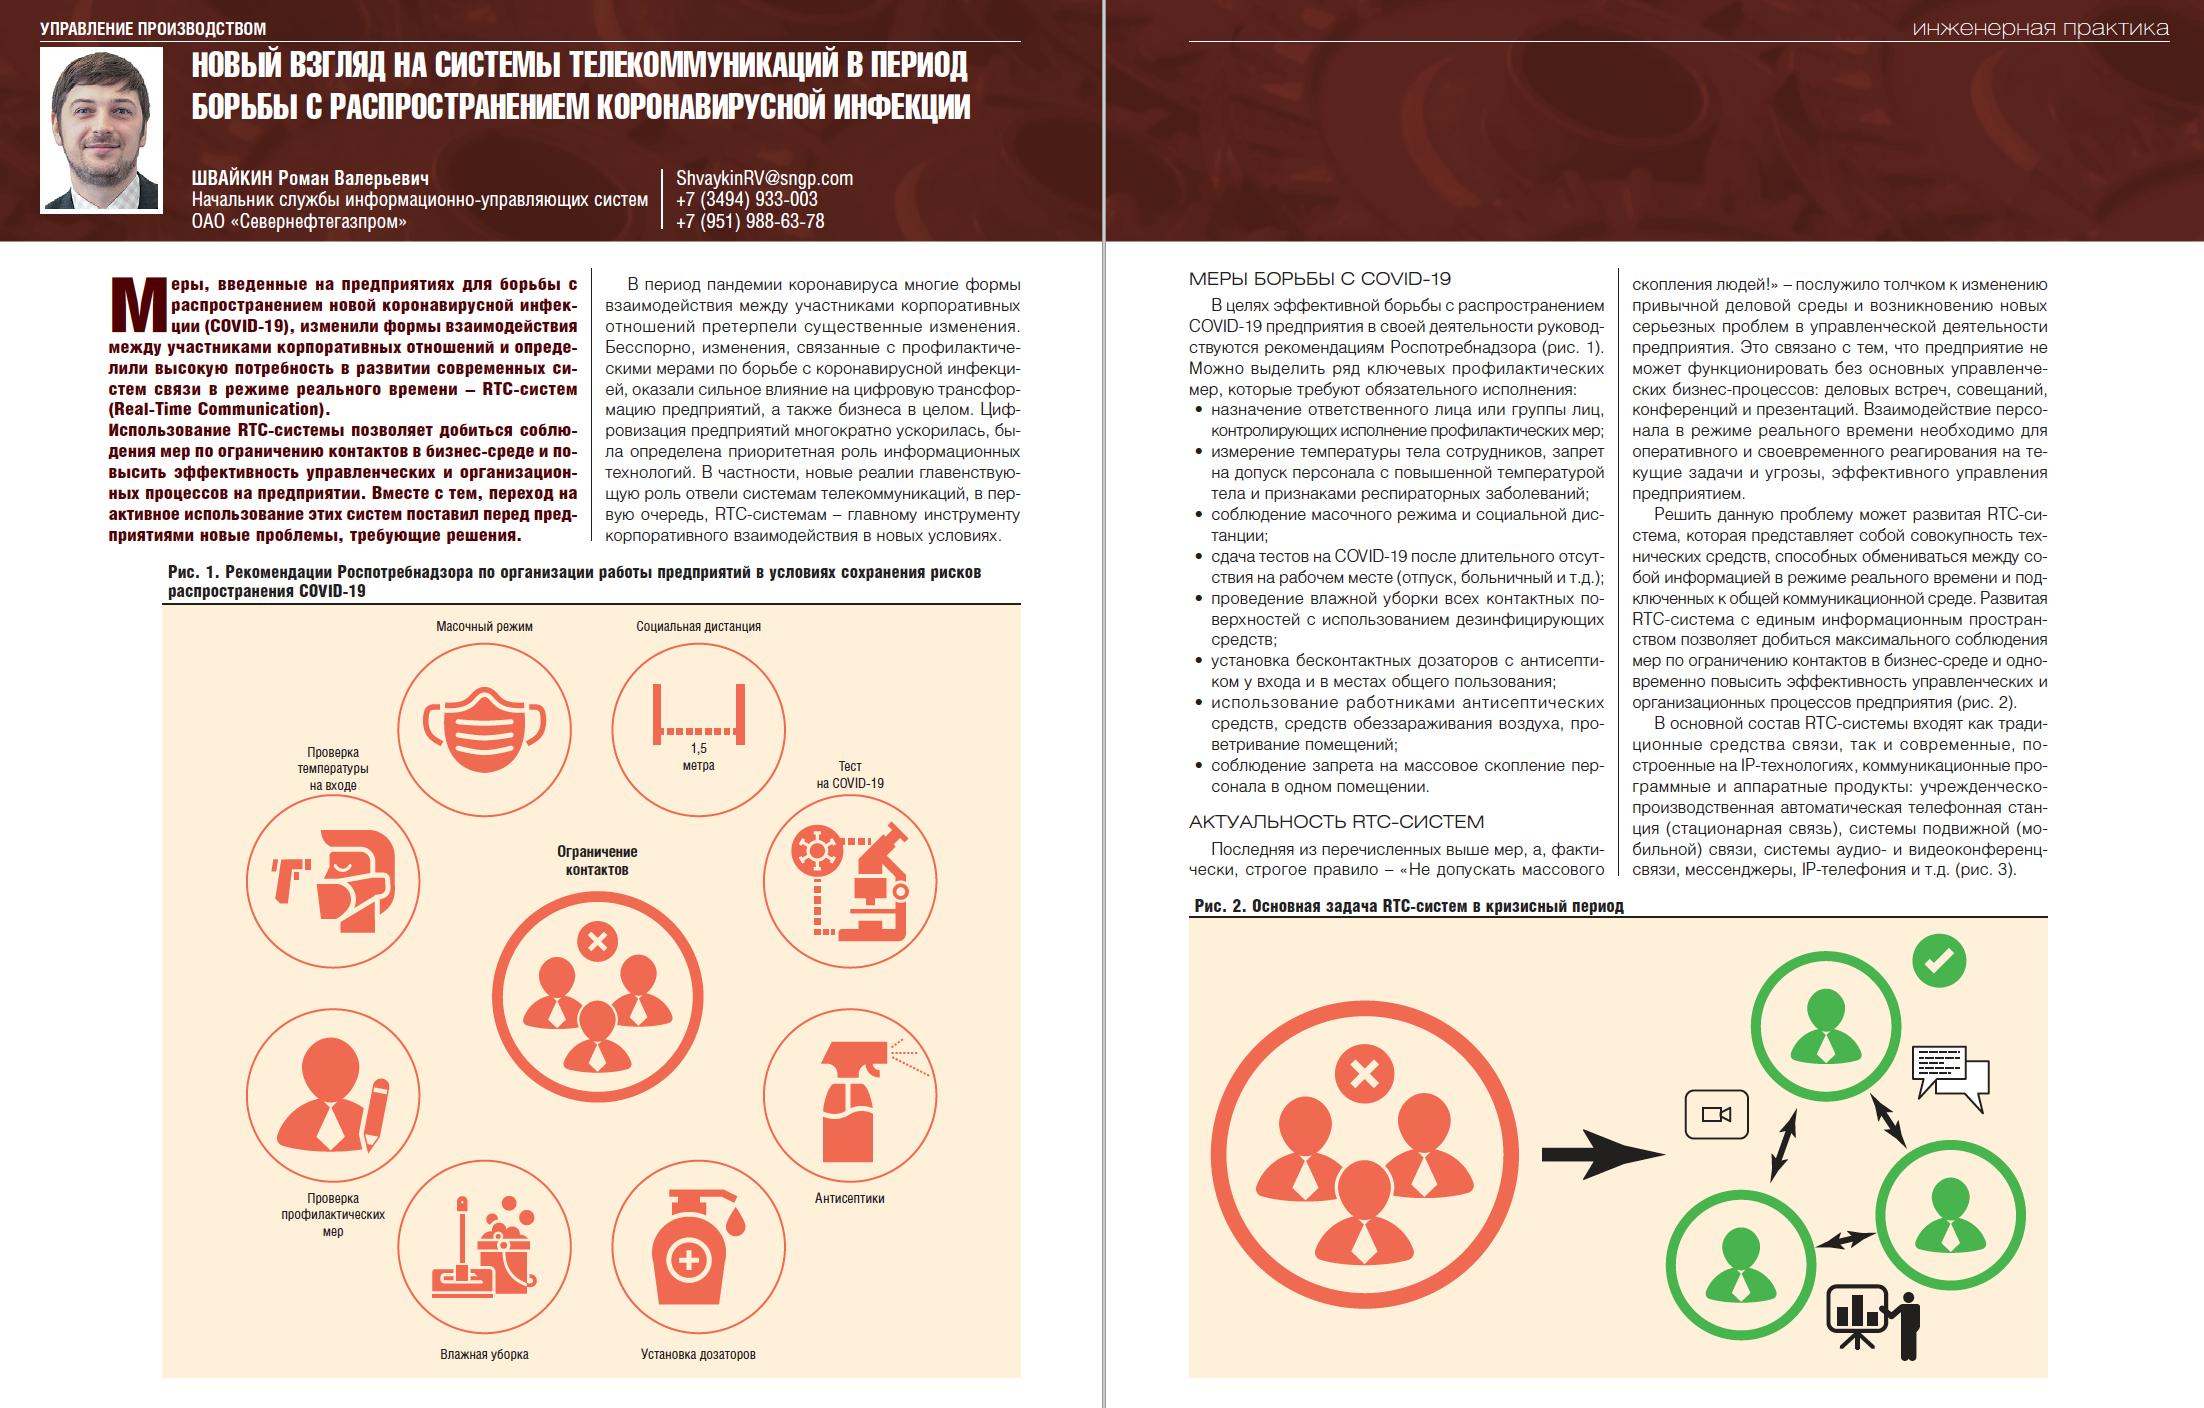 36061 Новый взгляд на системы телекоммуникаций в период борьбы с распространением коронавирусной инфекции